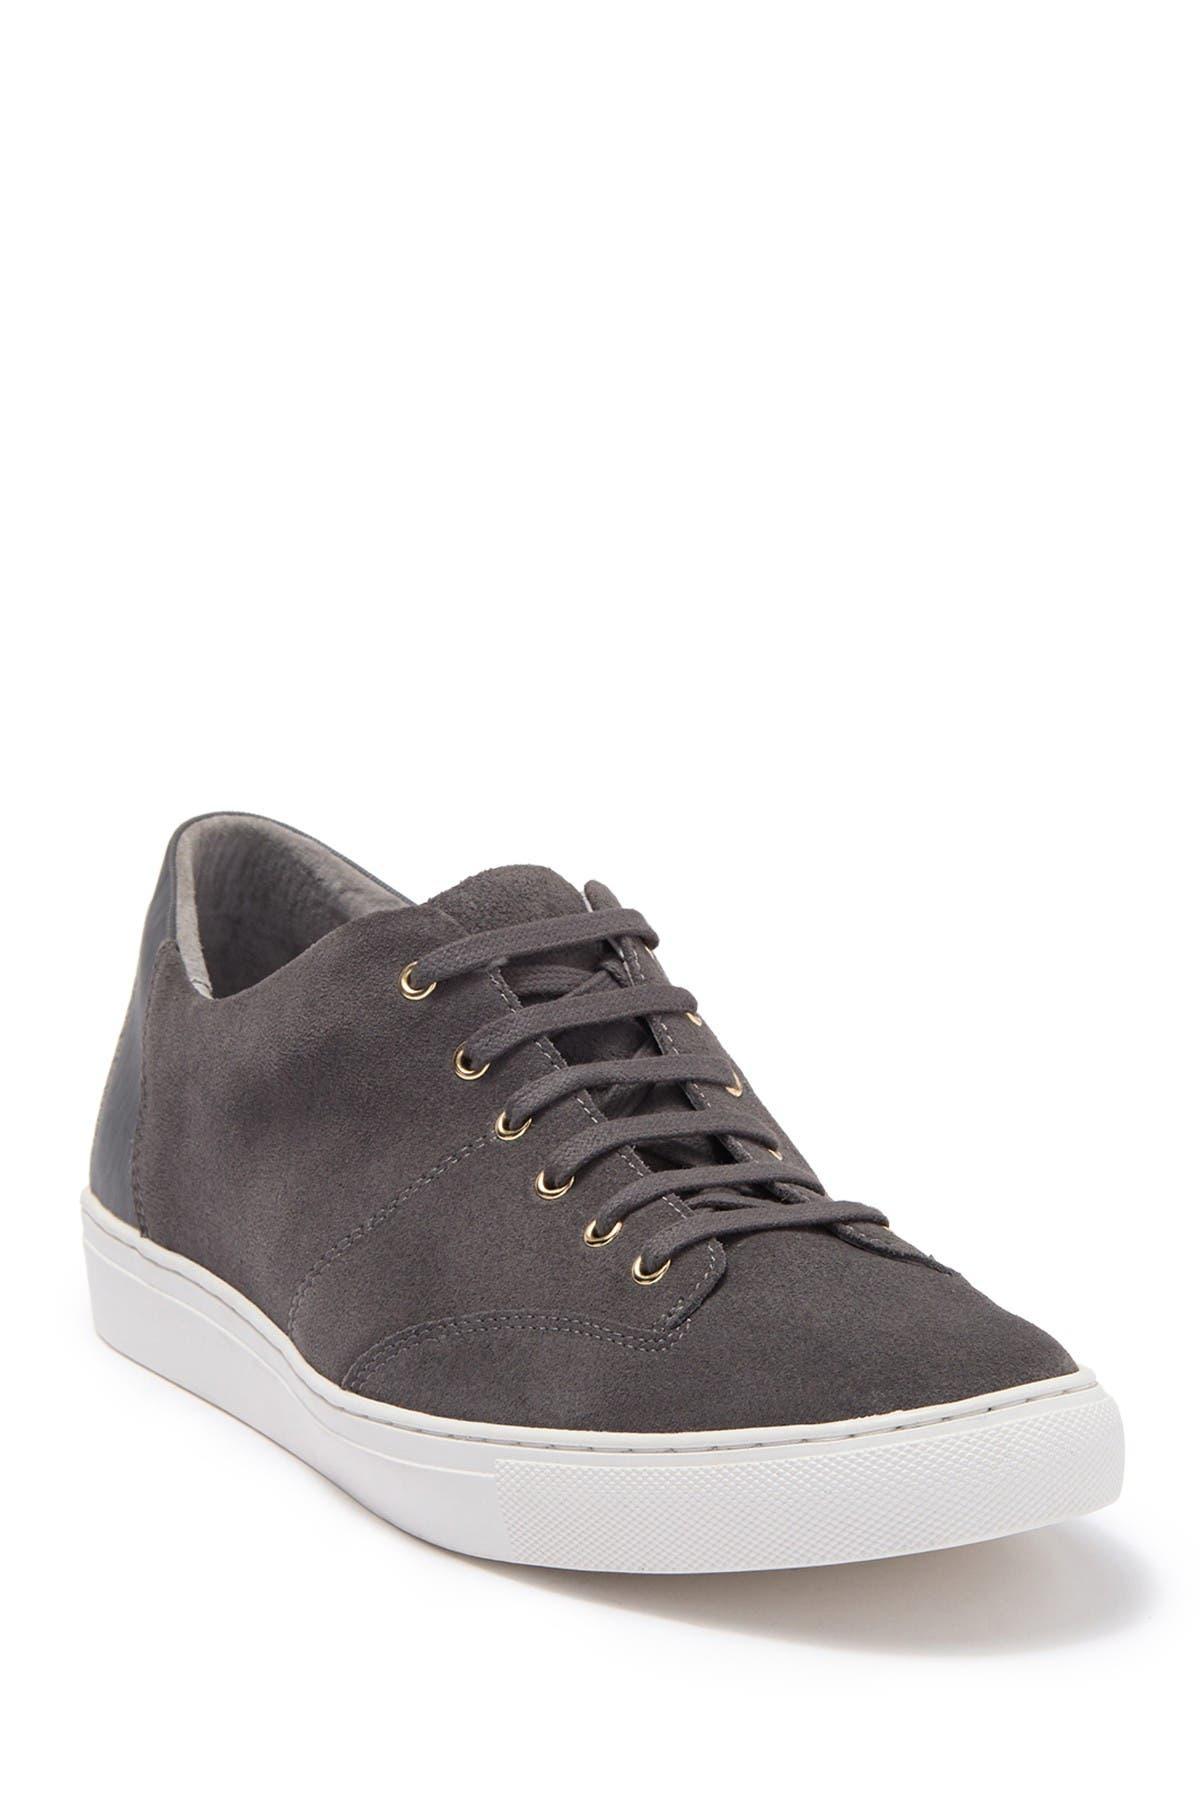 Image of TCG Cooper Suede Sneaker